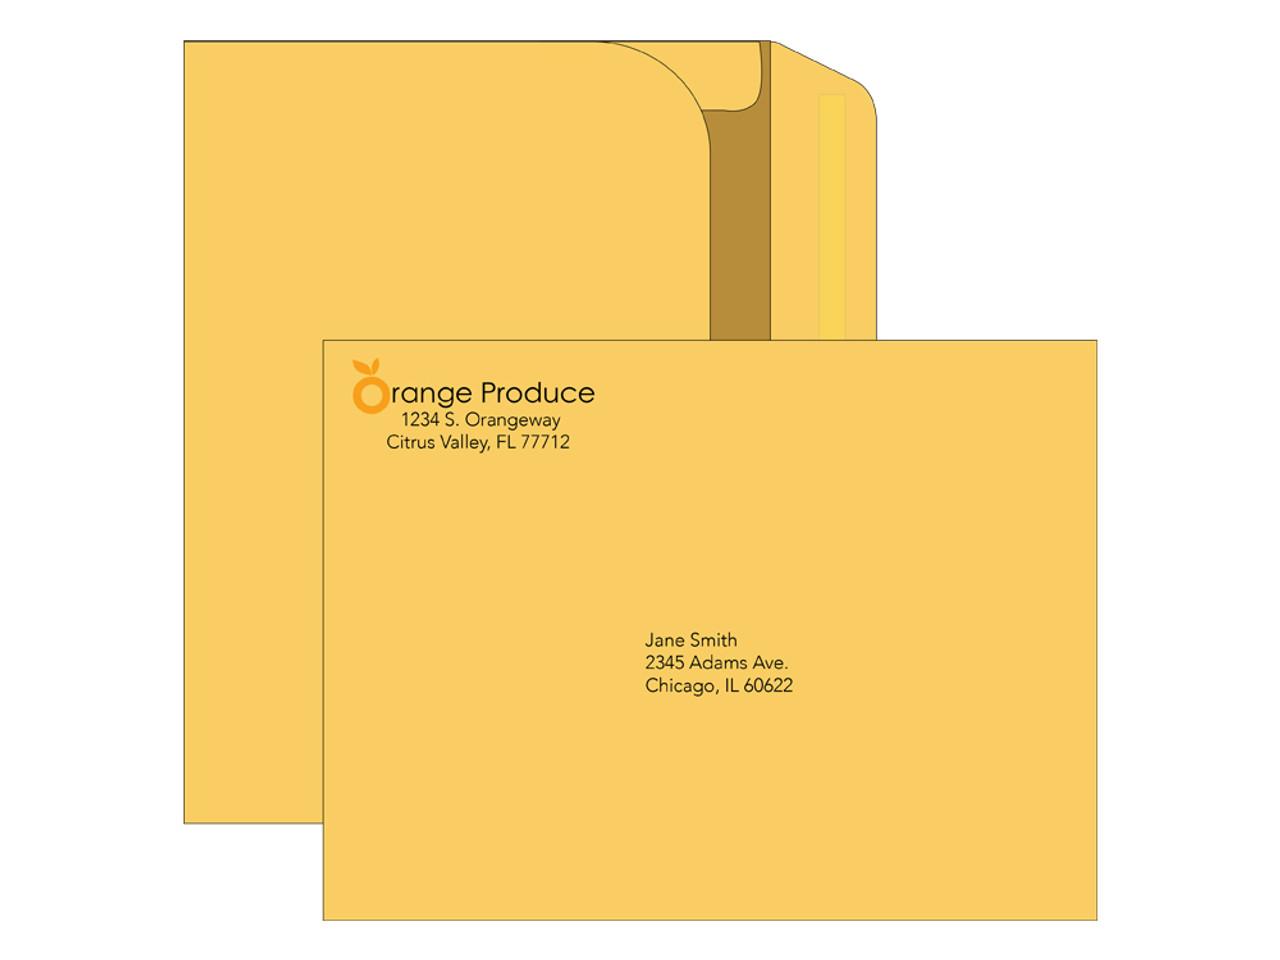 9x12 Printed Mailing Envelopes - EN1099